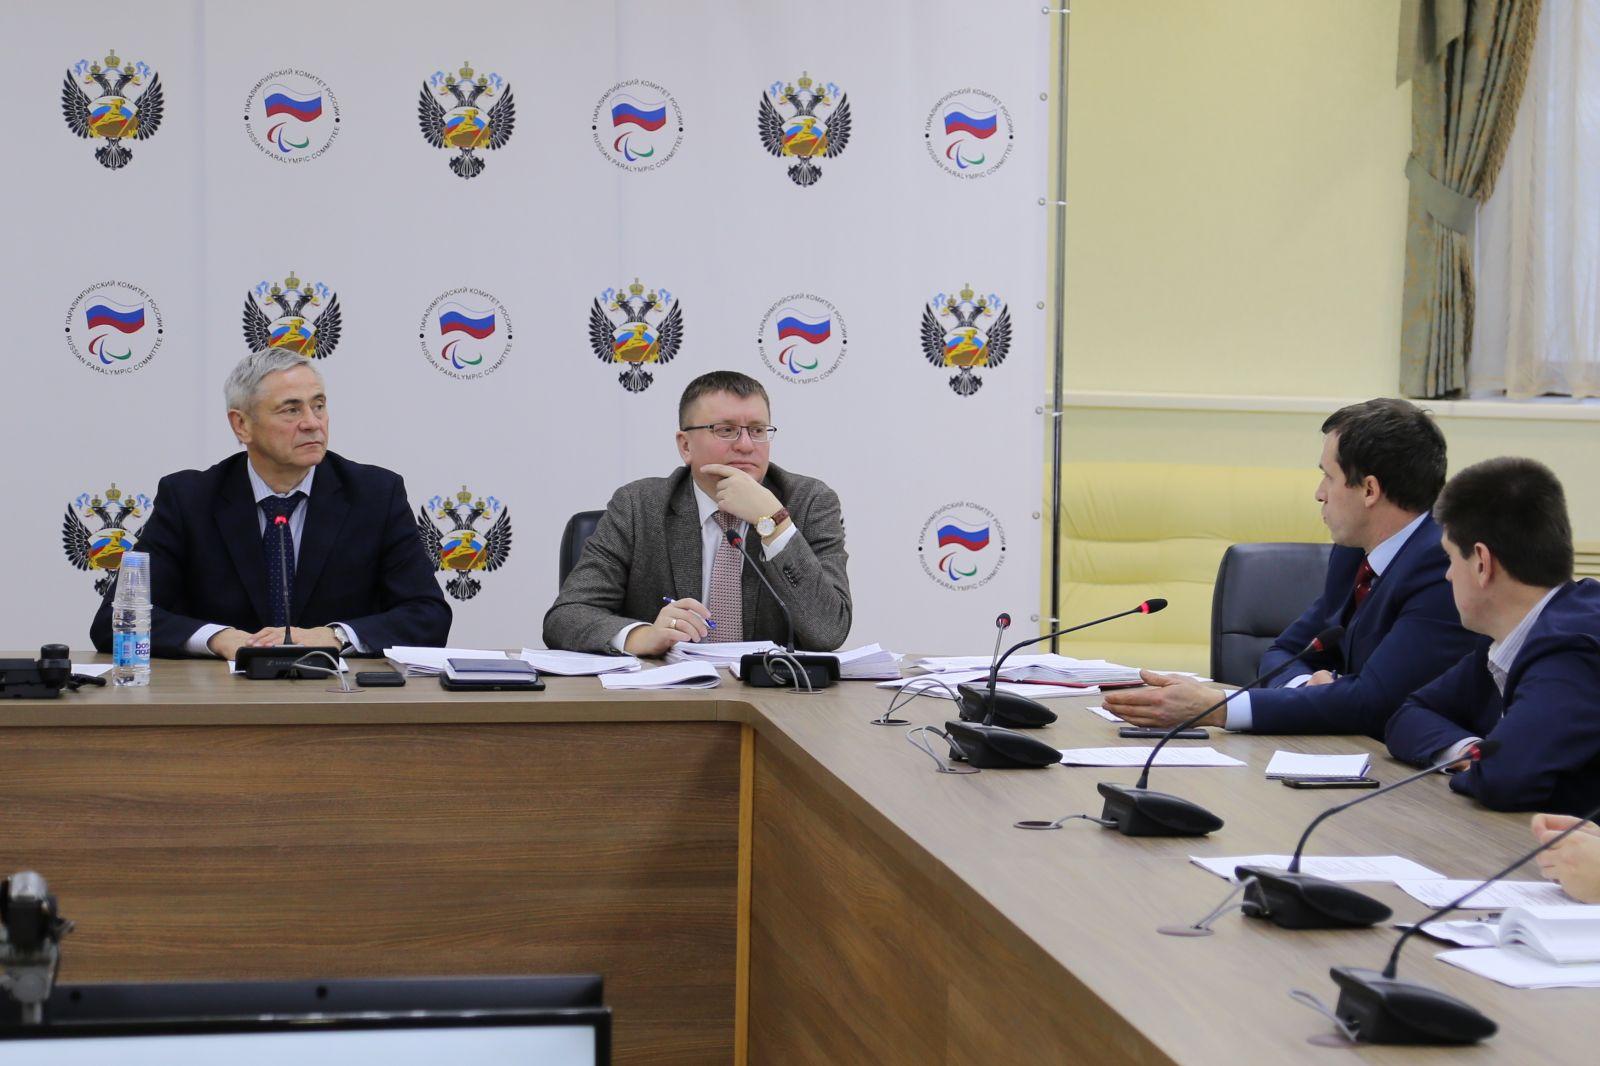 П.А. Рожков в зале Исполкома Паралимпийского комитета России провел заседание Совета по координации программ, планов и мероприятий ПКР